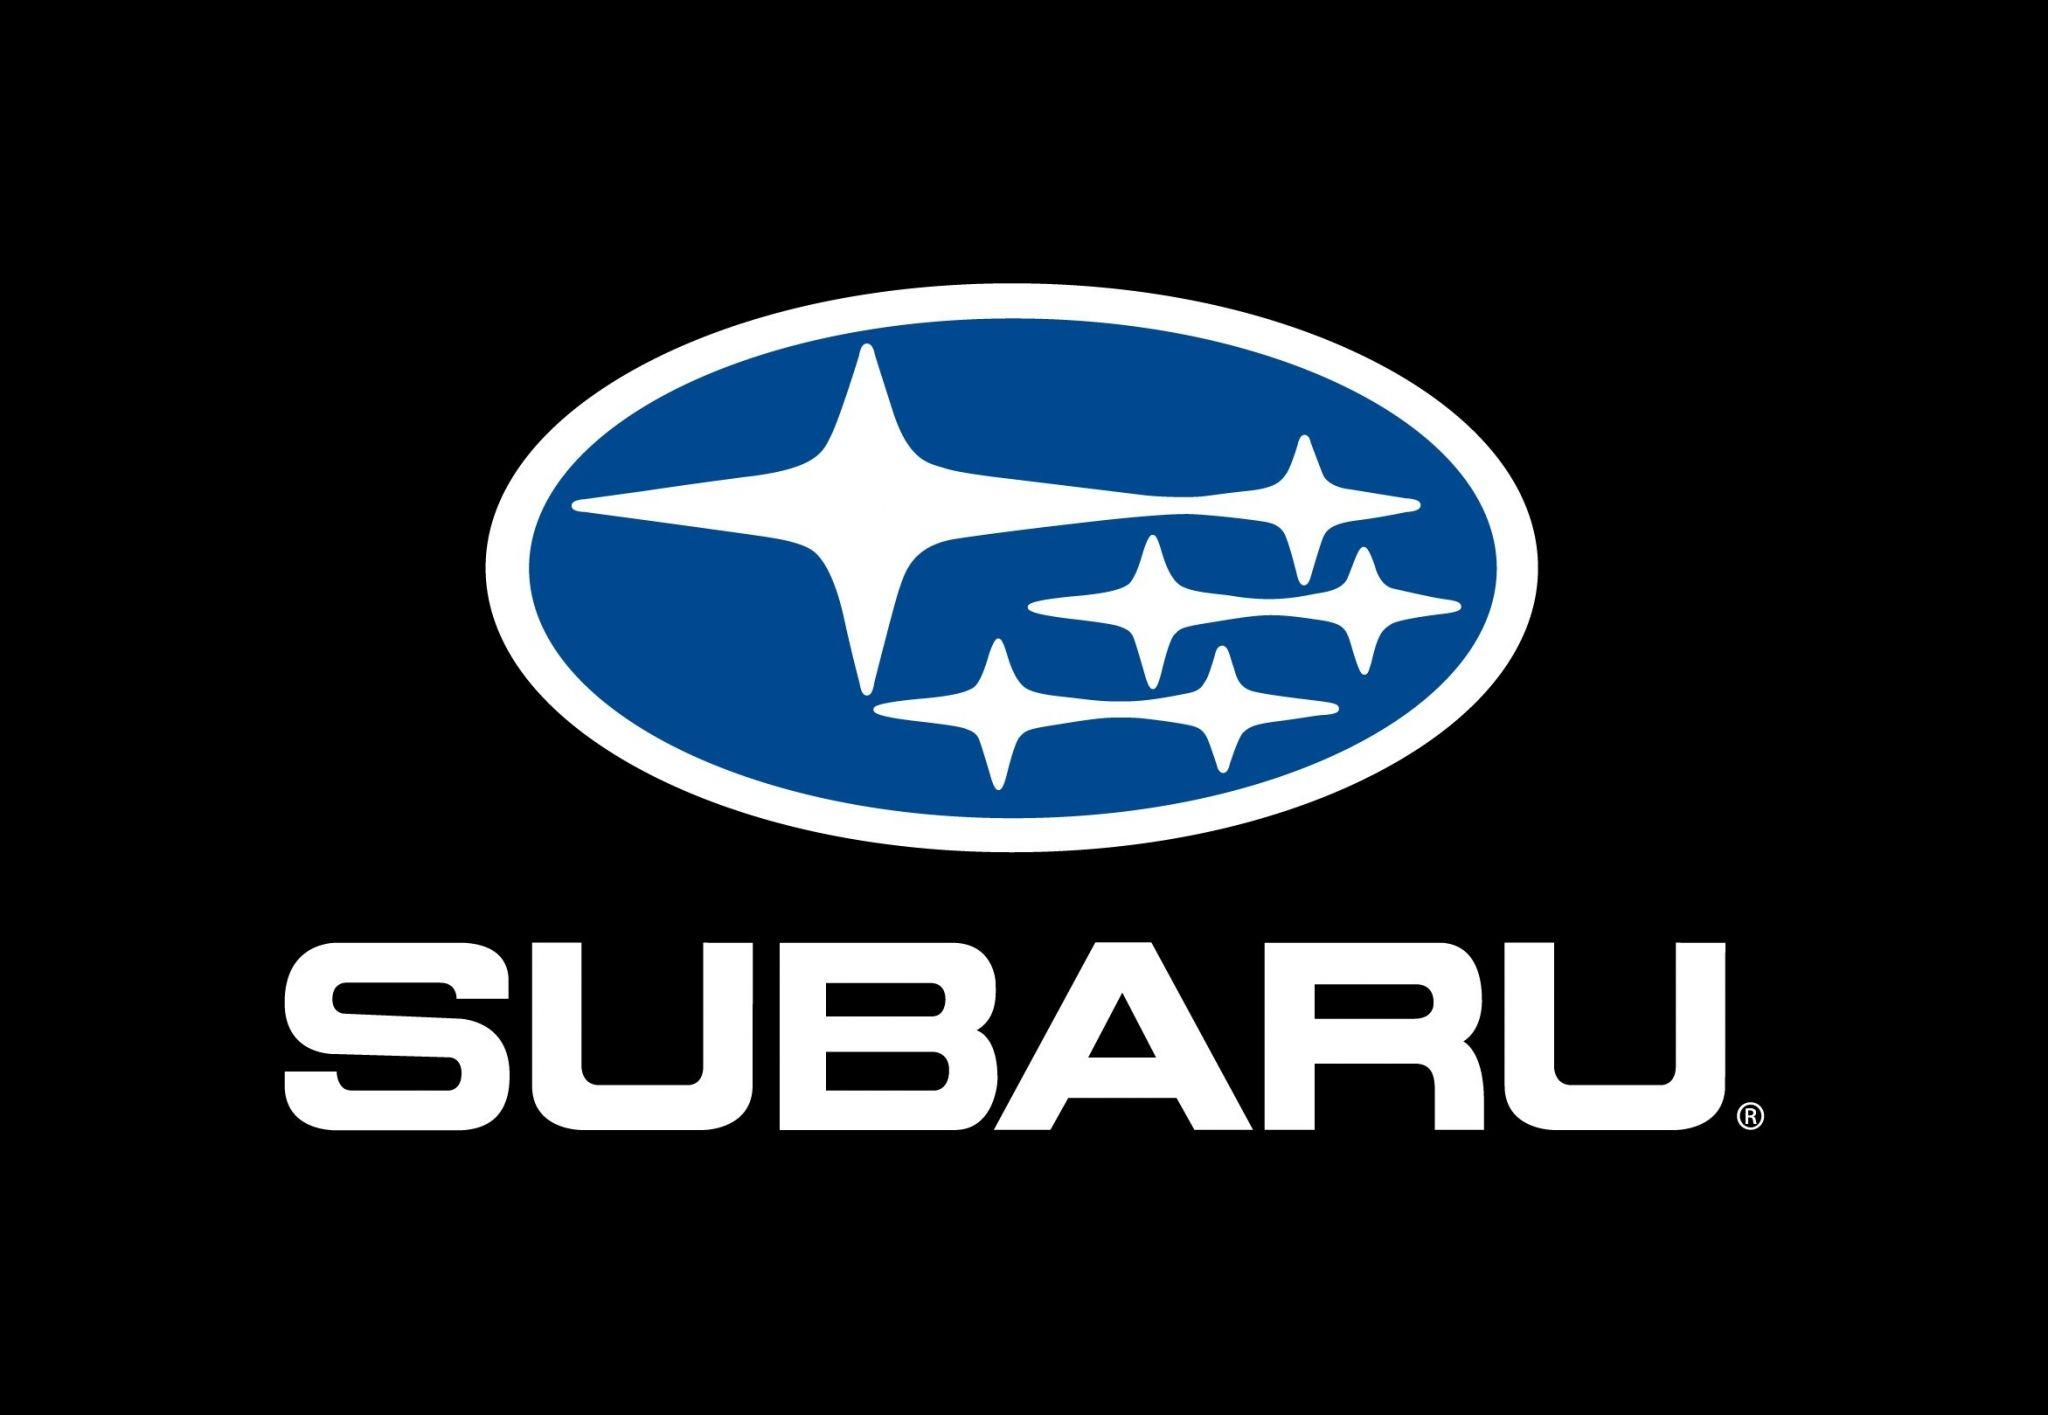 Subaru Wallpaper Free Download ロゴ 企業ロゴ ファミマ